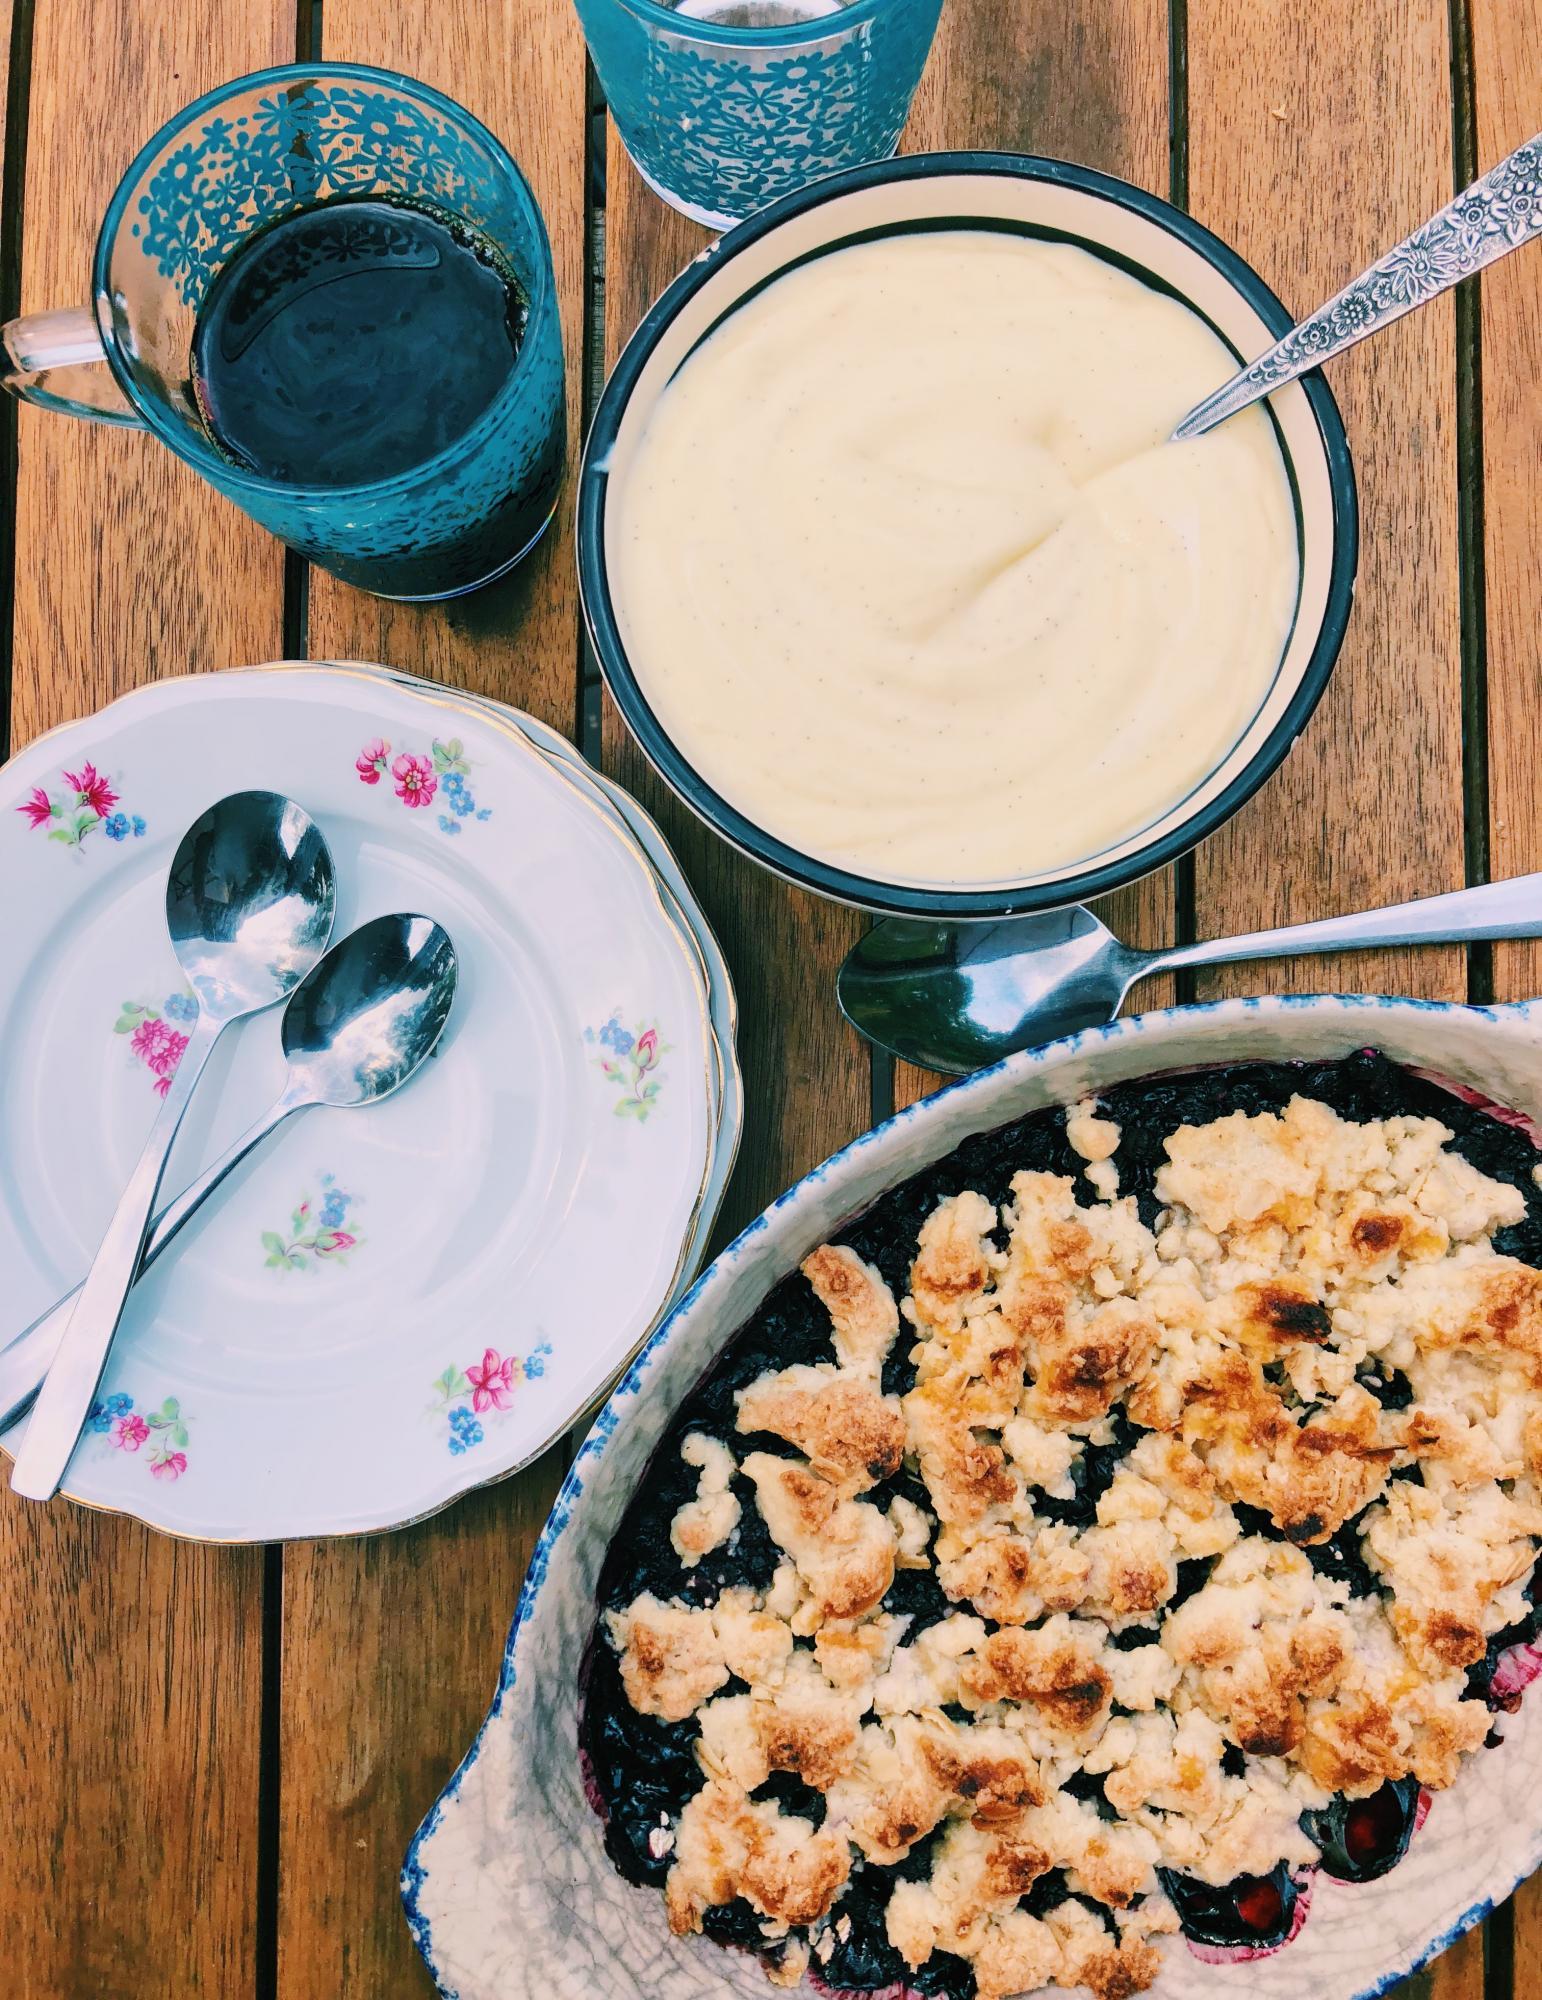 Blåbärspaj med världens godaste vaniljsås